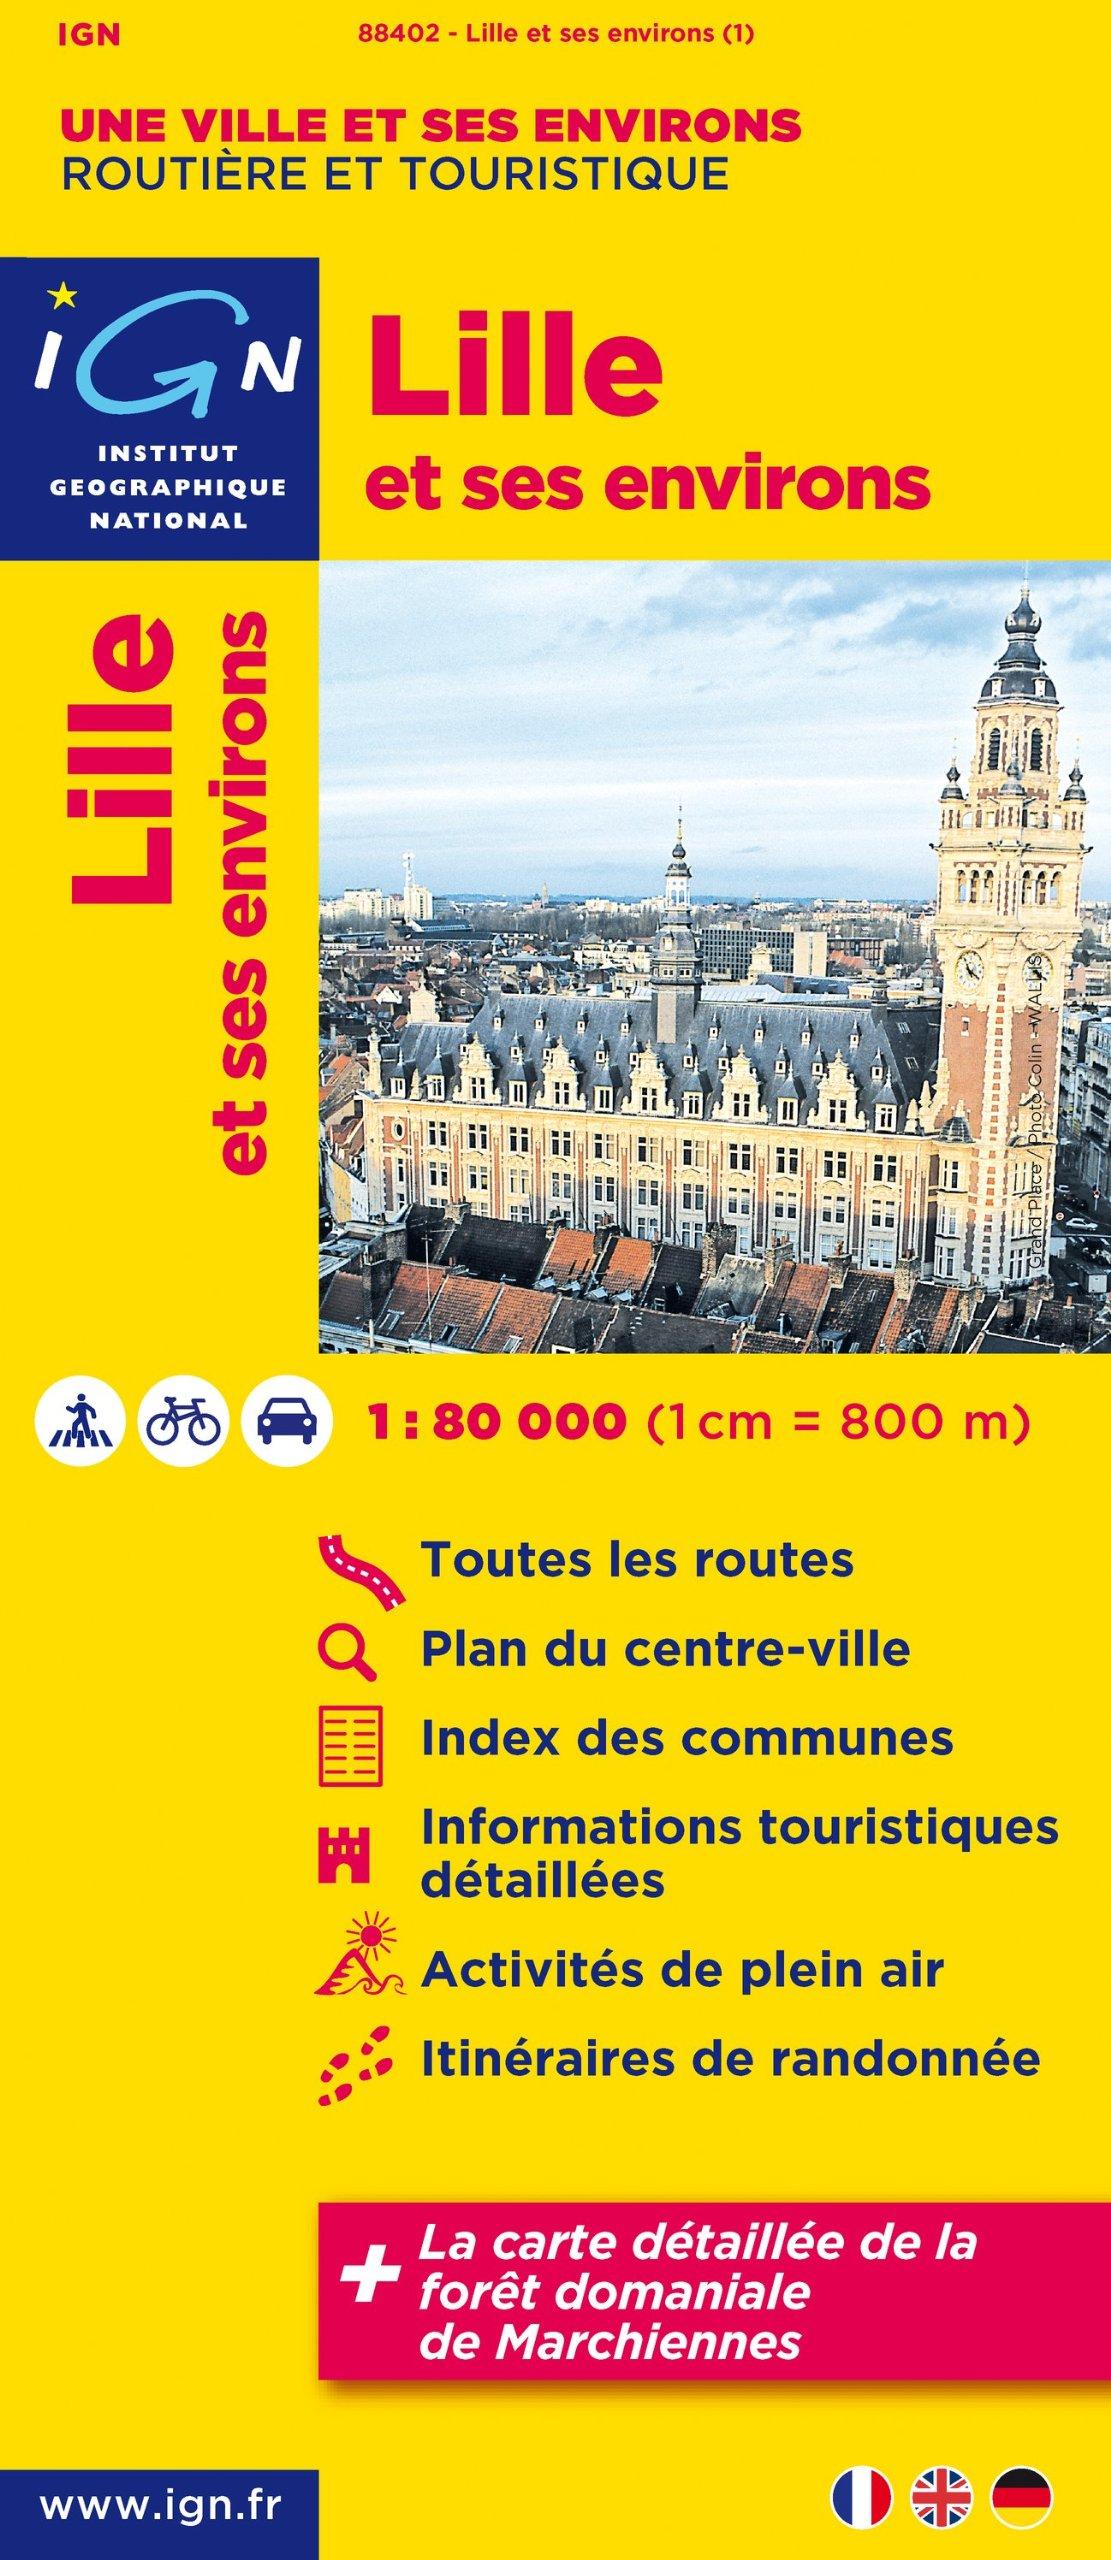 88402 Lille et Ses Environs 1/80.000 Carte – Carte pliée, 15 avril 2011 Ign 2758523949 TL2758523949 Gazetteers & Maps)